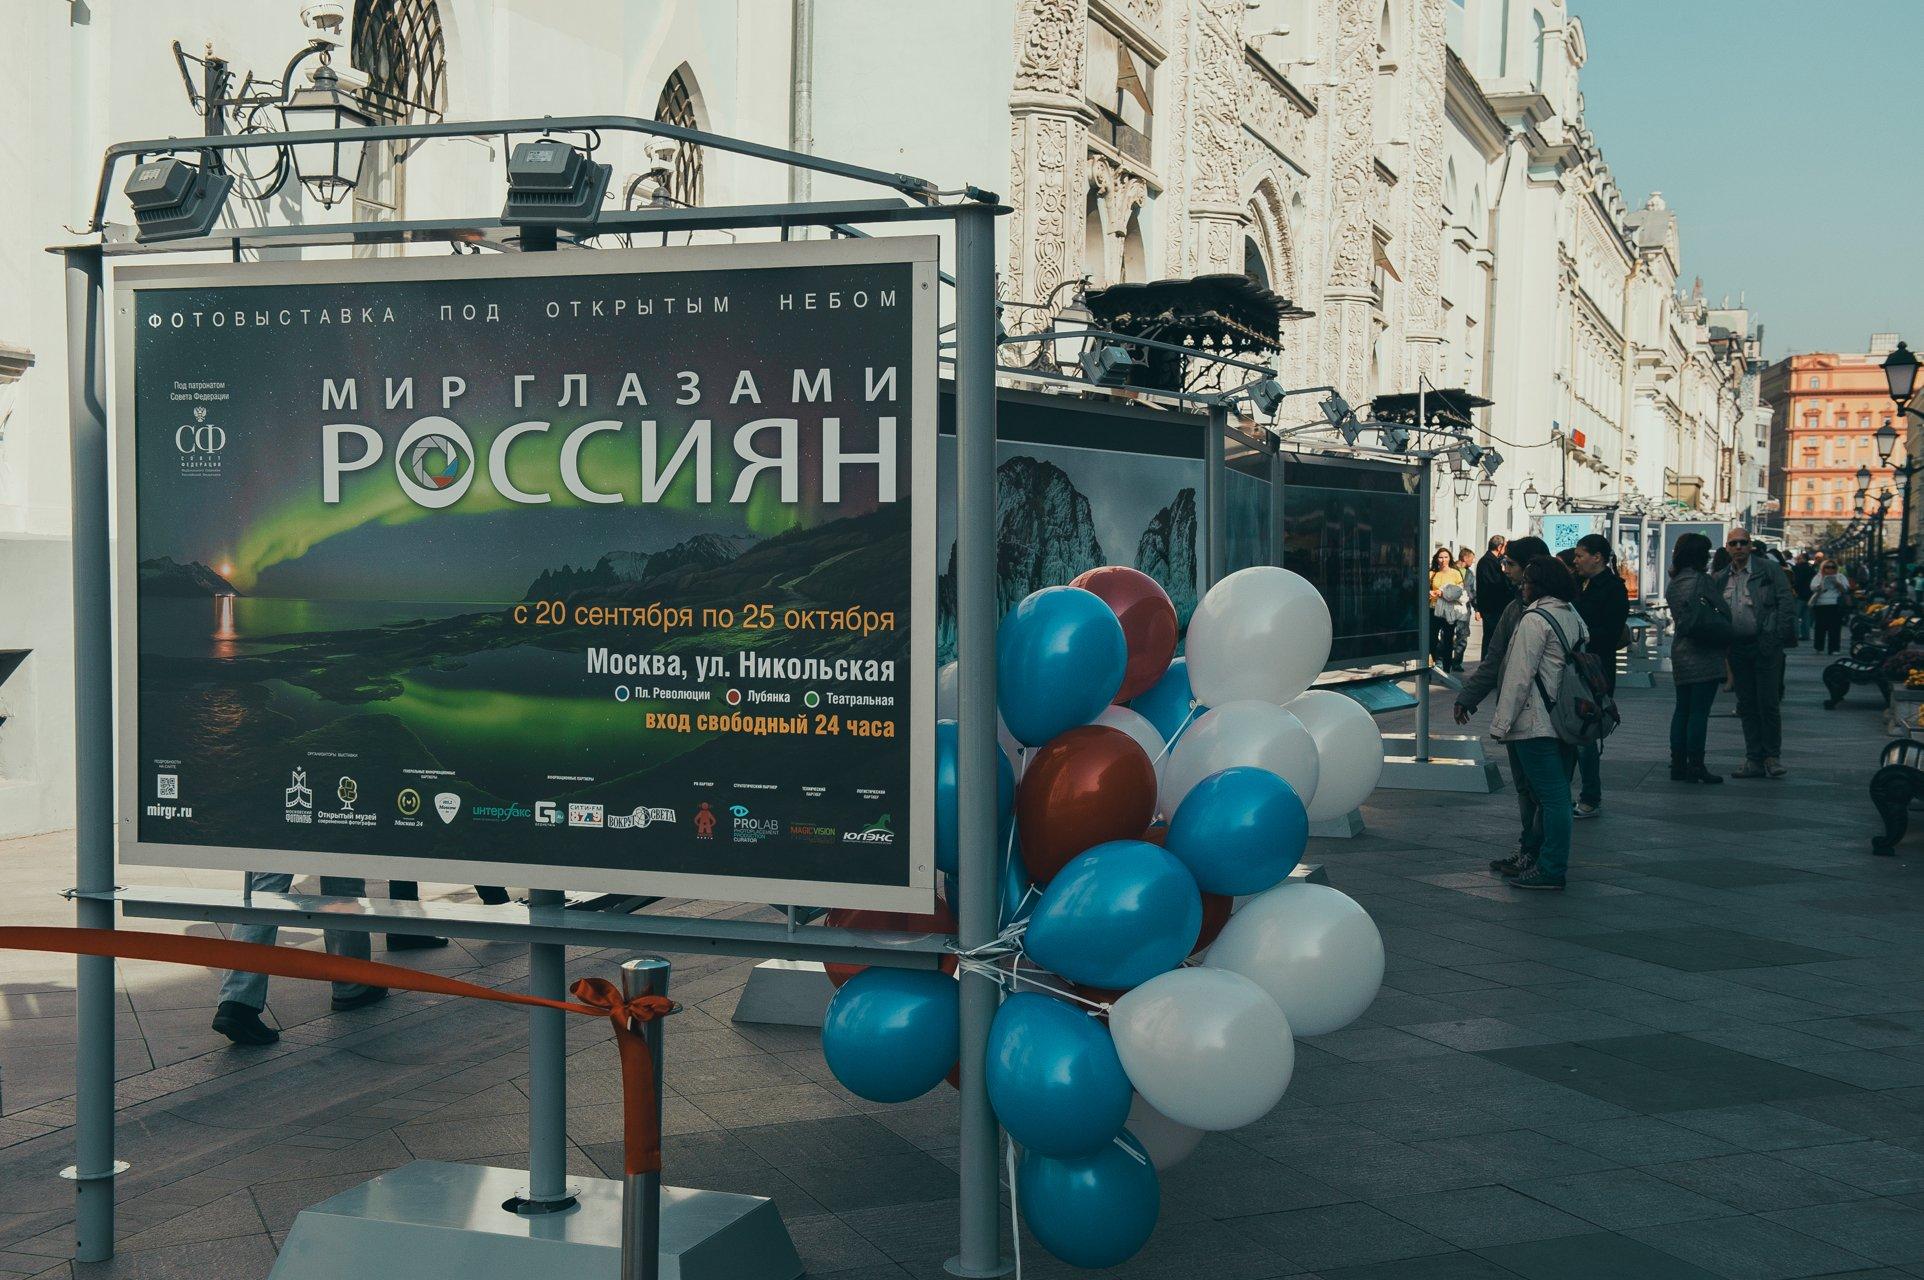 Фотовыставка под открытым небом «Мир глазами россиян» 2014